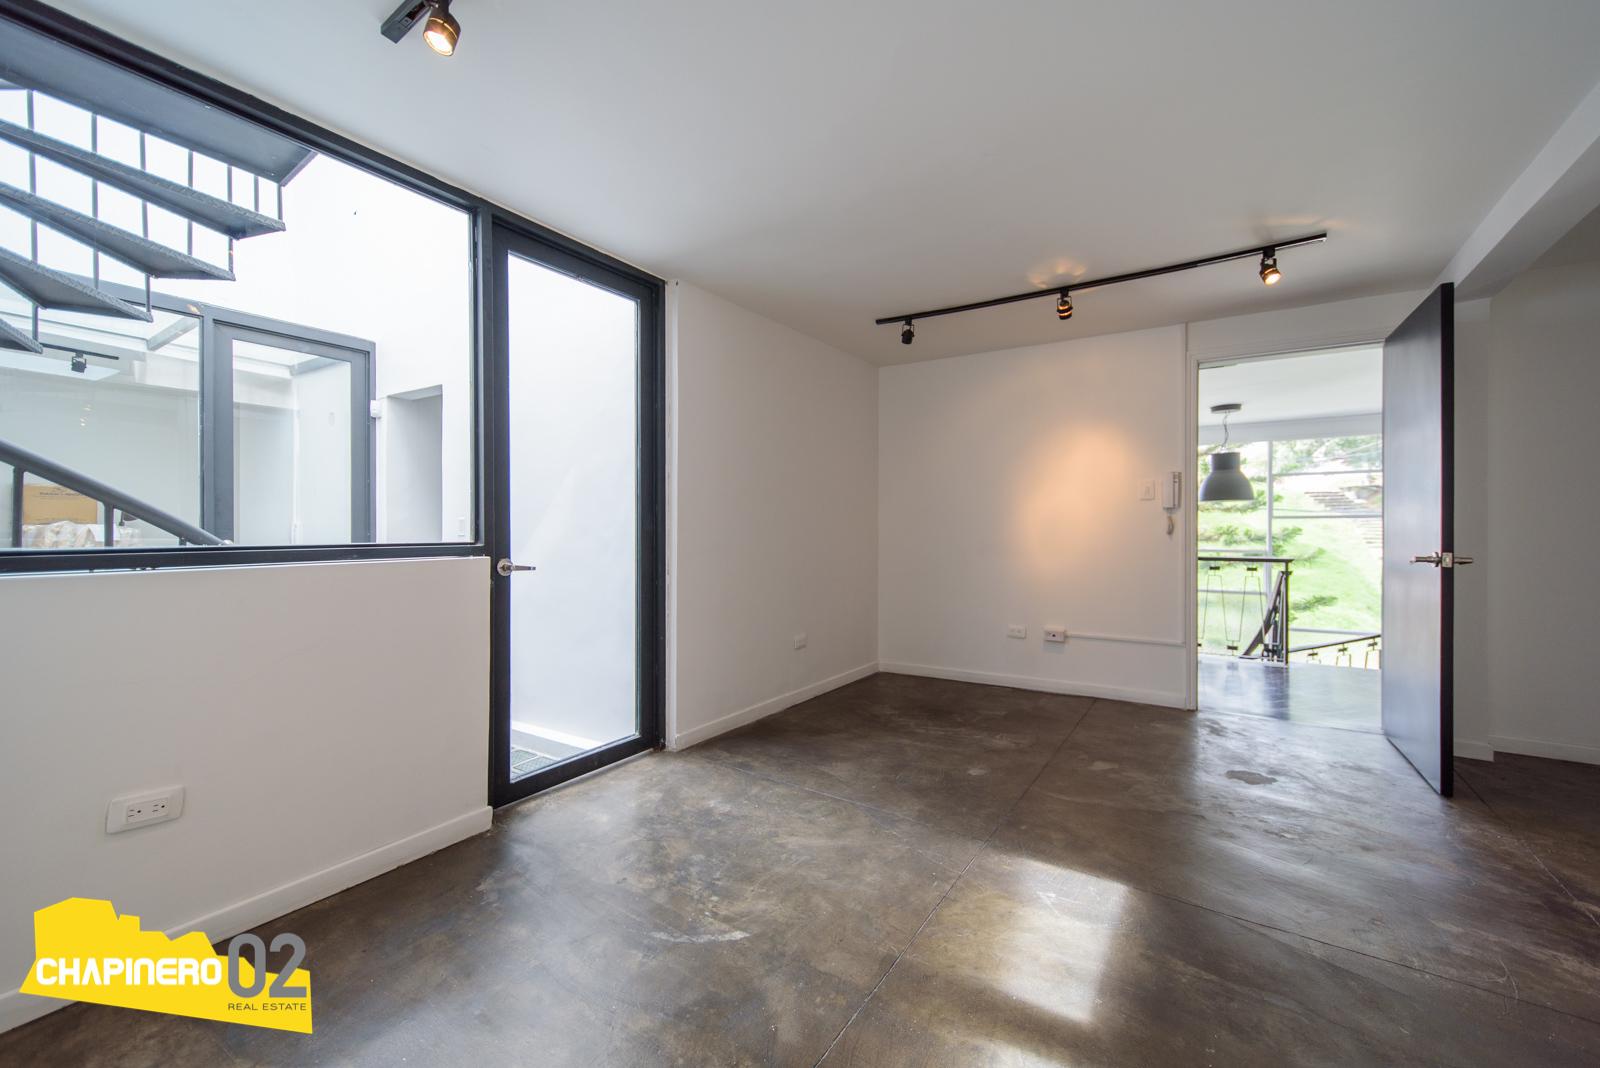 Oficina Arriendo :: 21 m² :: ChapiAlto :: $1,5M